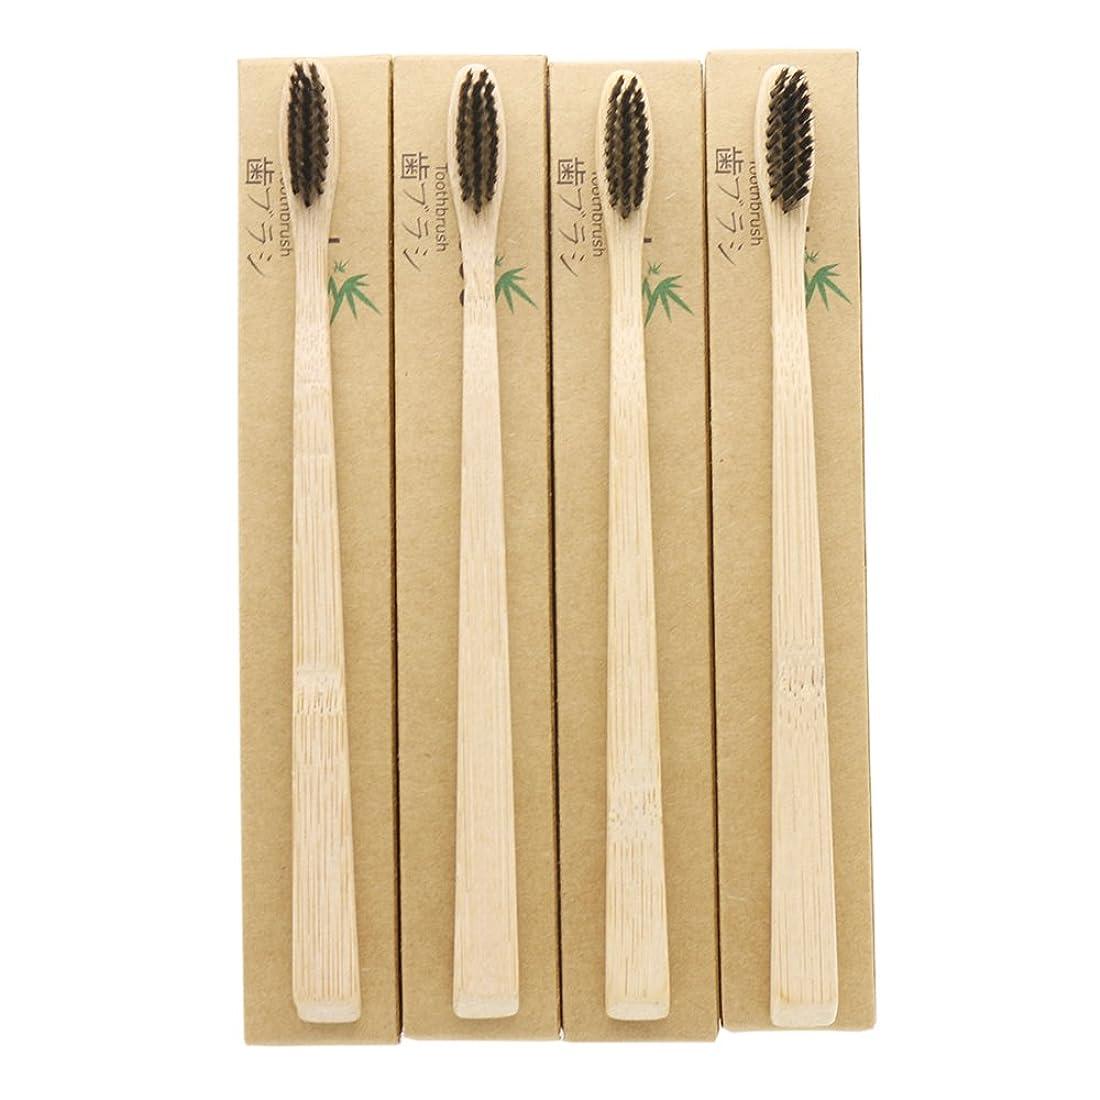 アナリスト定刻封建N-amboo 竹製耐久度高い 歯ブラシ 黒い ハンドル小さい 4本入りセット